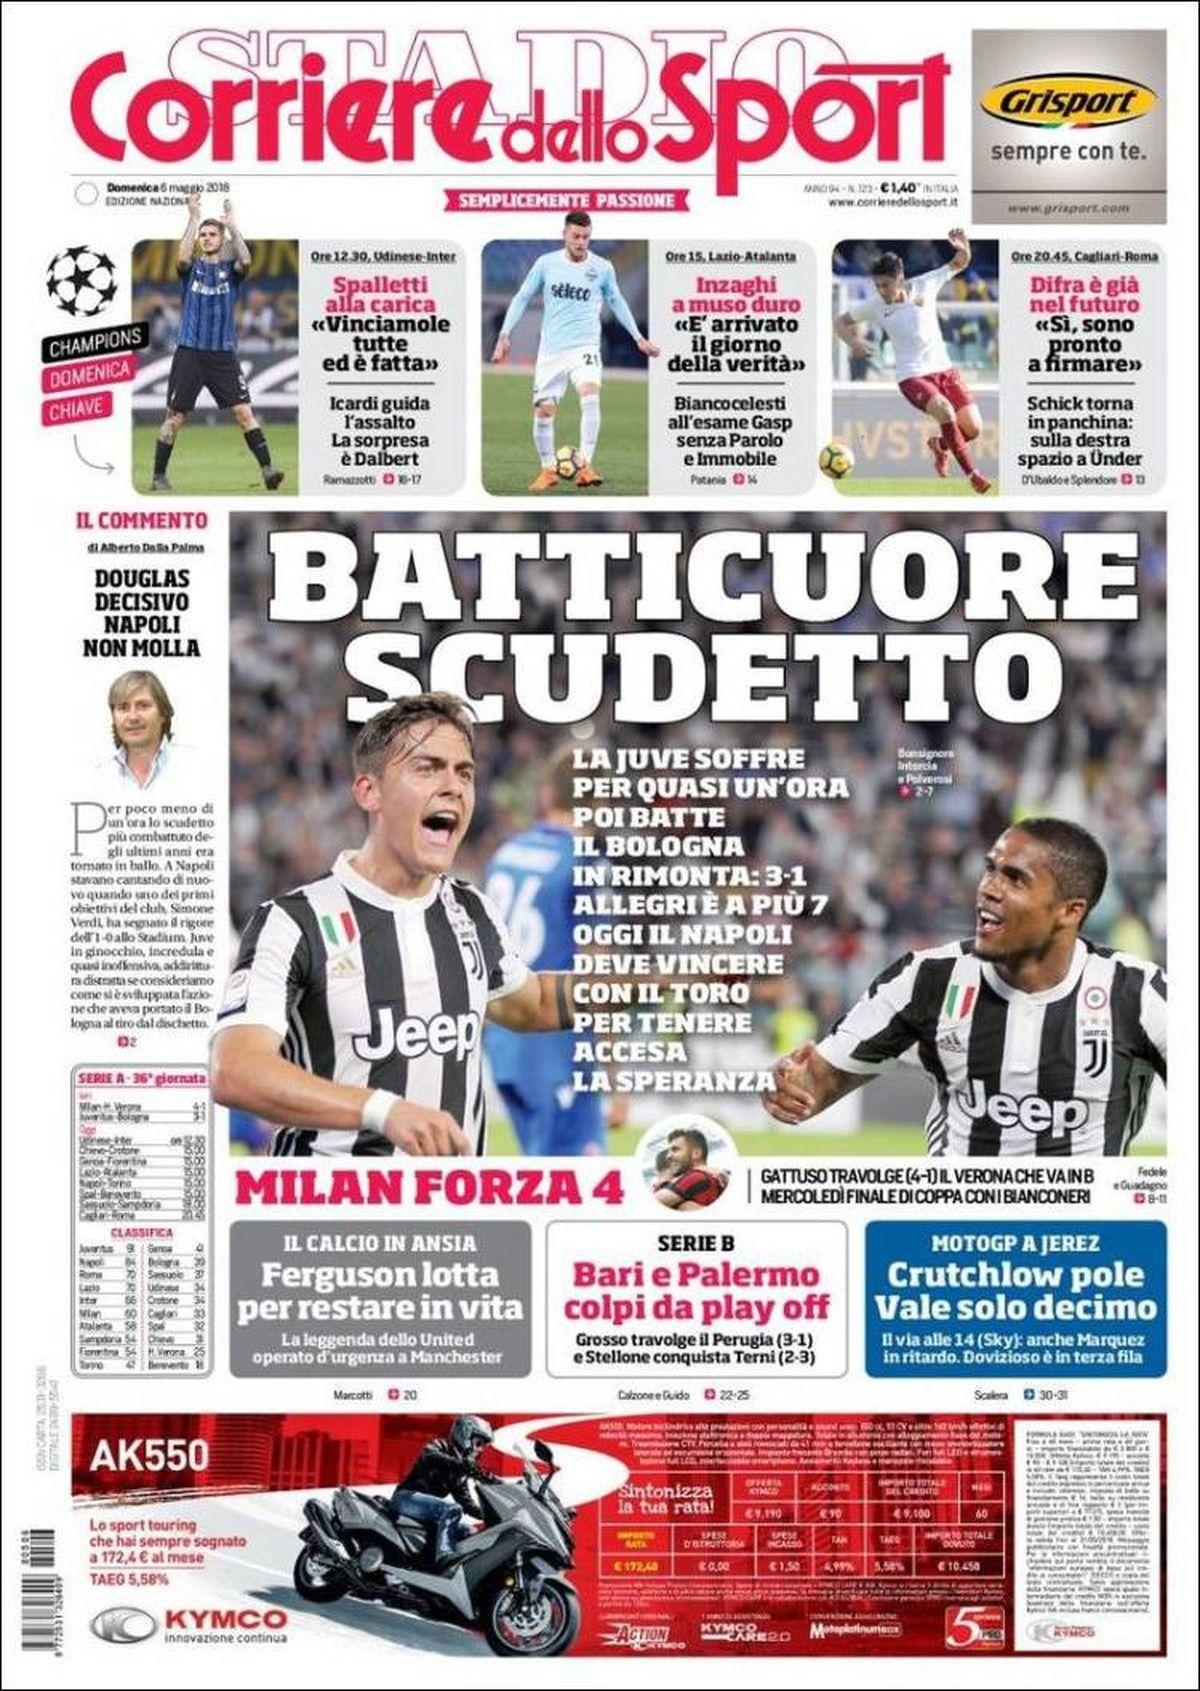 Corriere dello Sport, Italia, domingo 6 de mayo de 2018